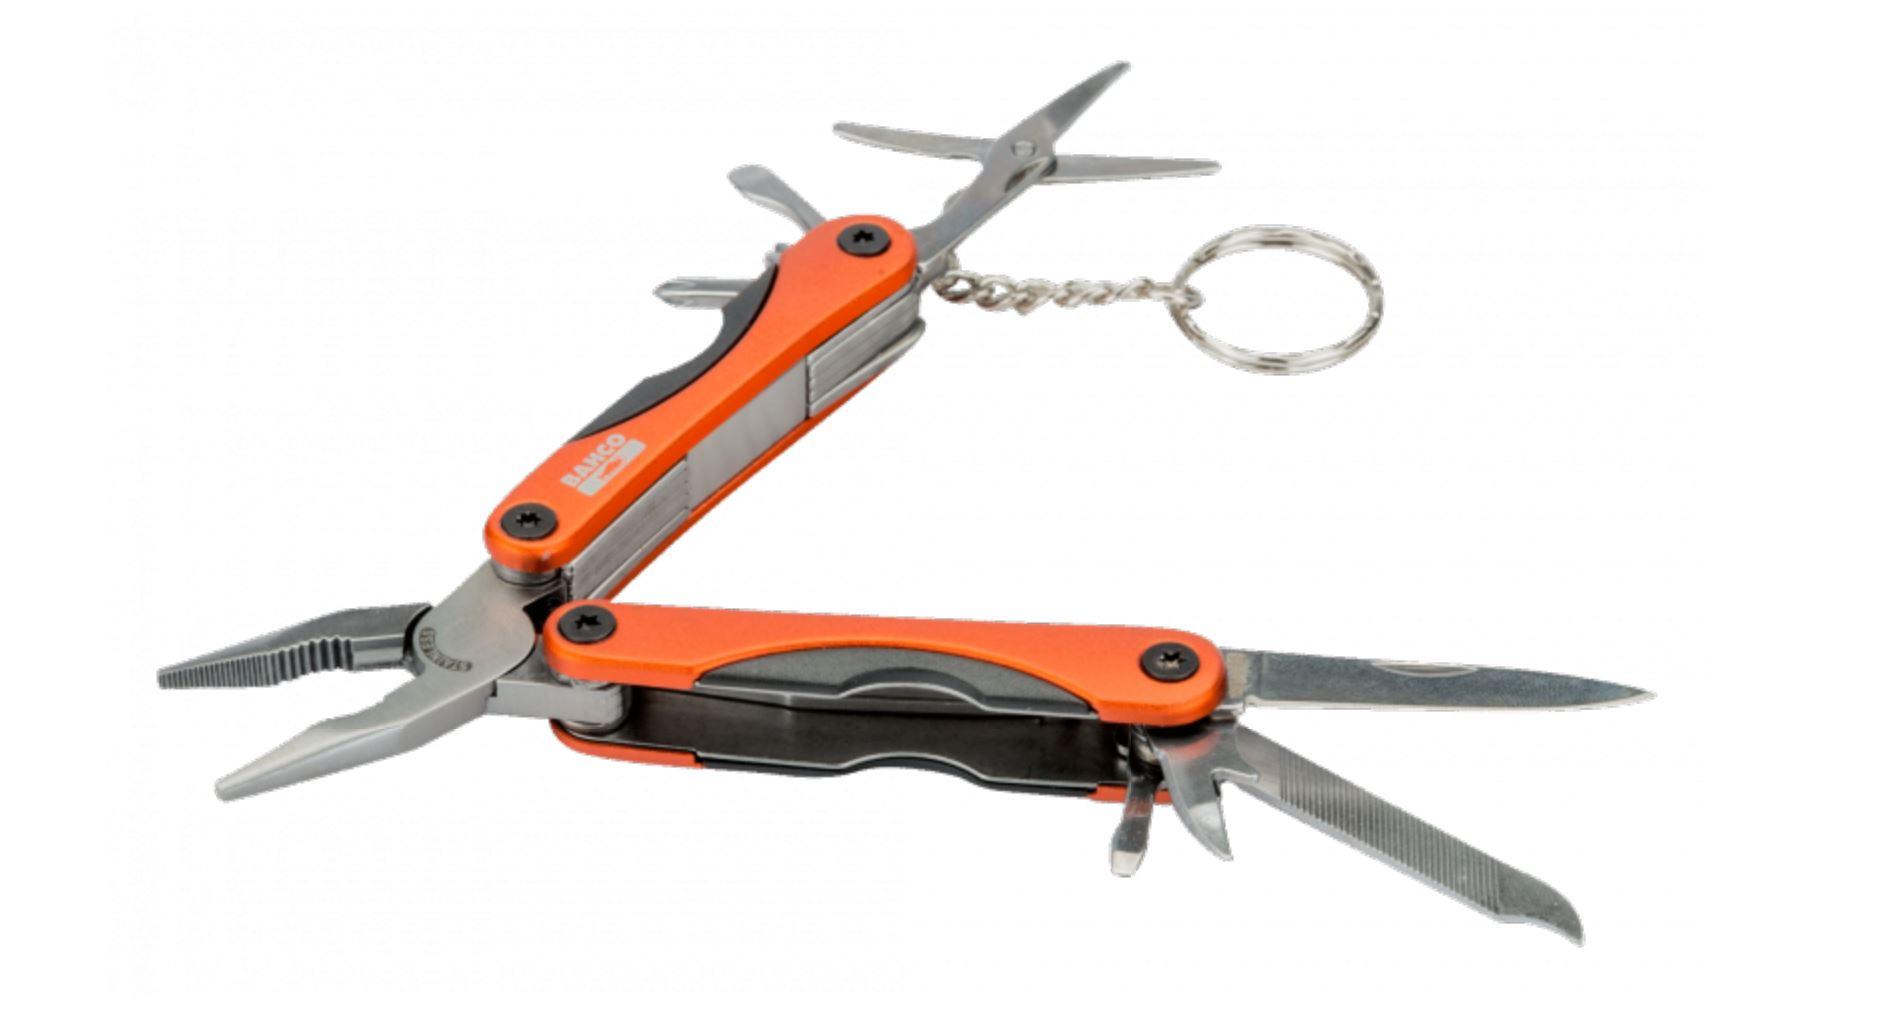 multi-tool set